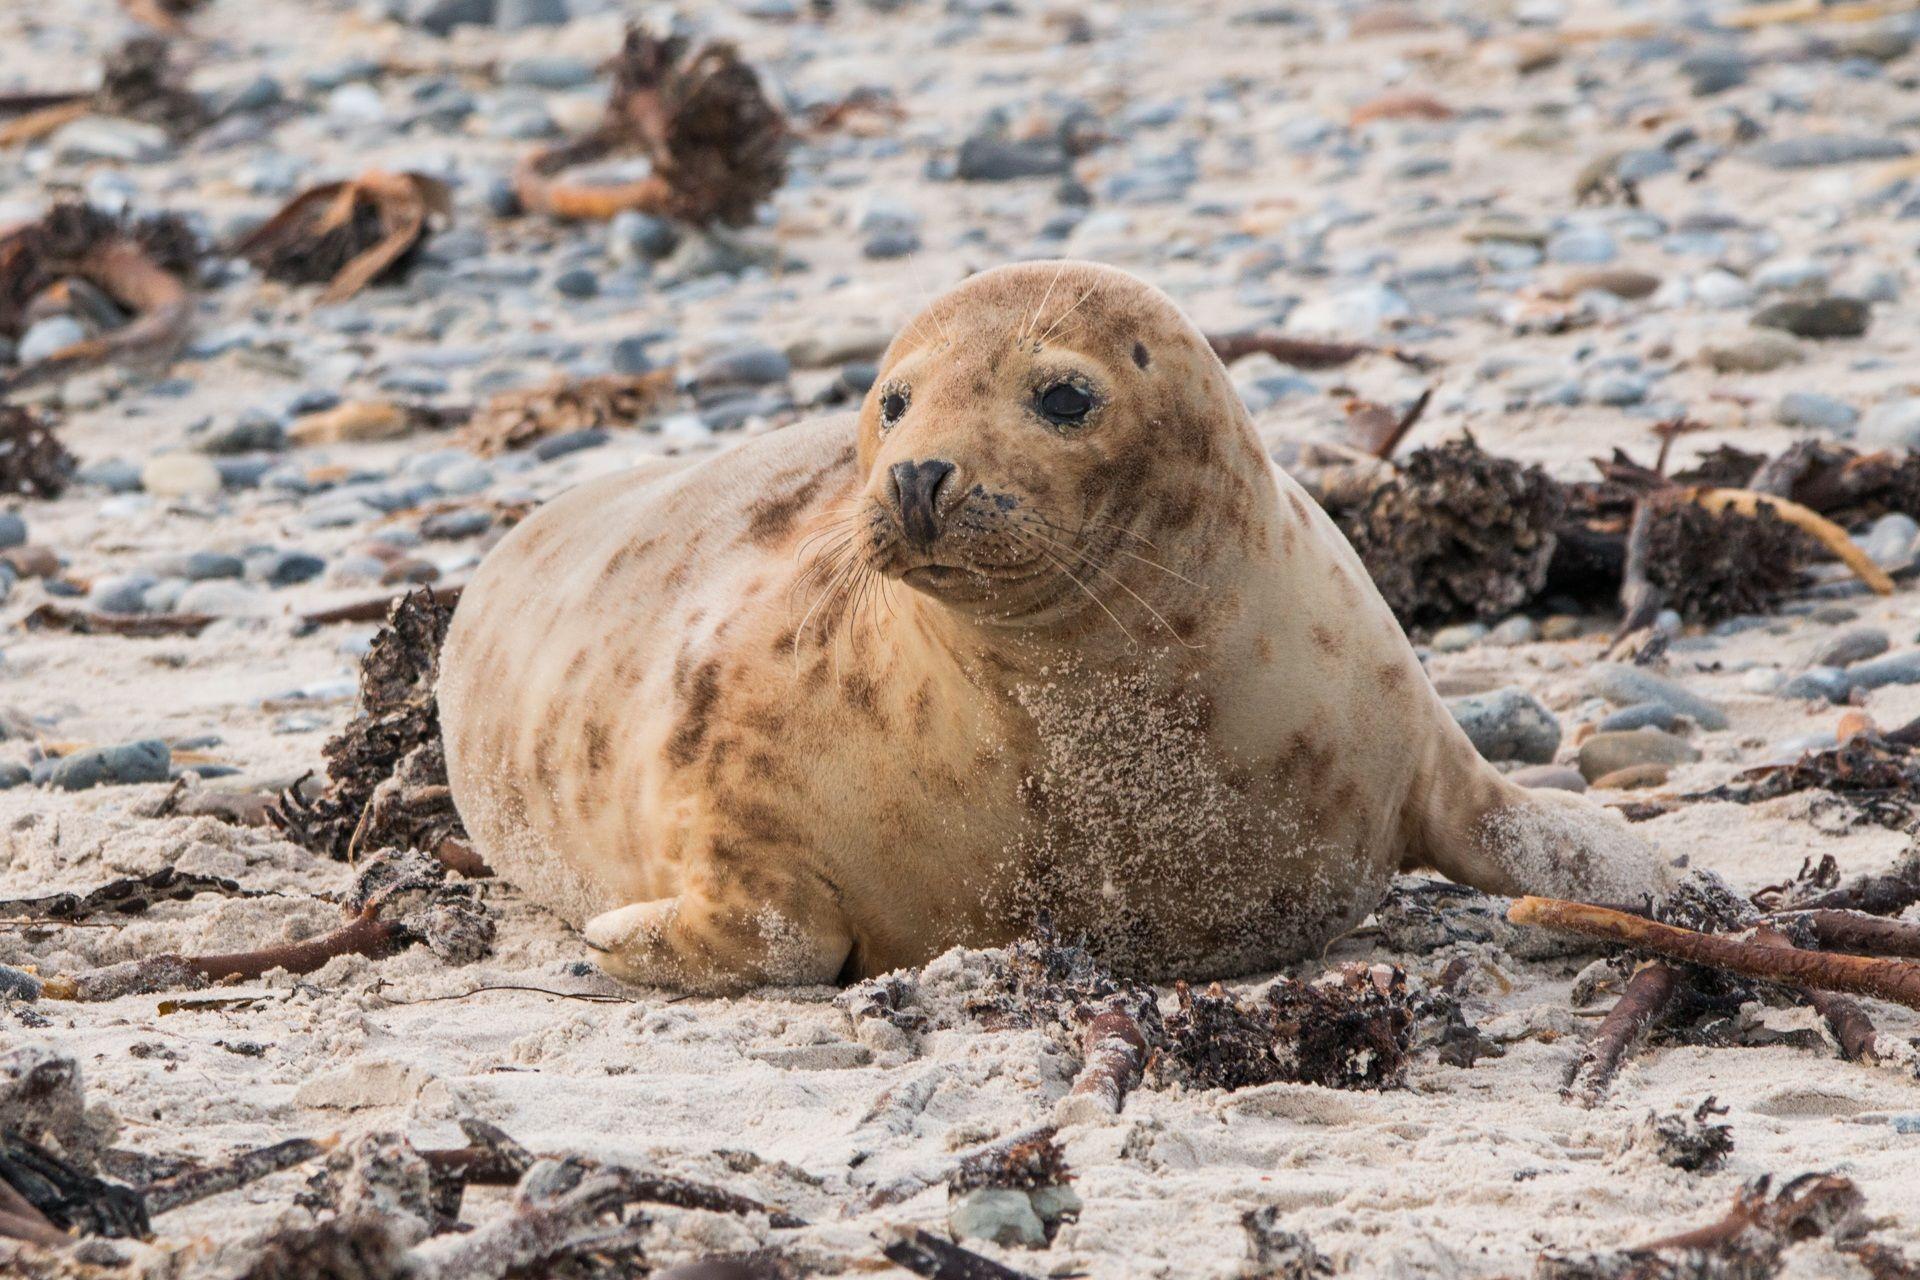 Смотреть фото животного тюленя онлайн